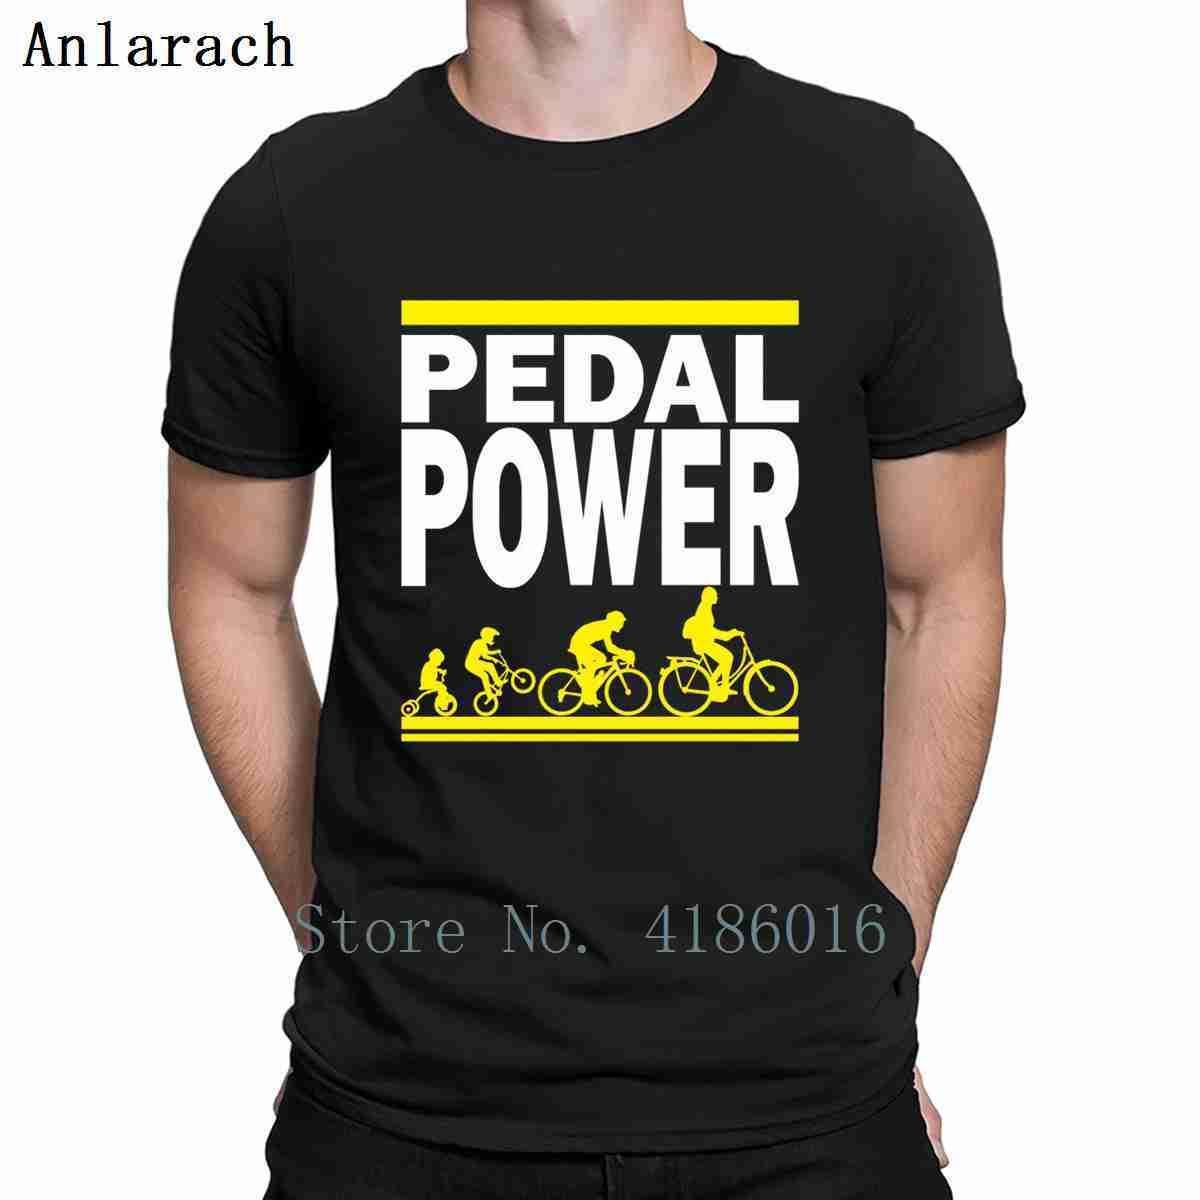 Pedal Güç Tişörtlü Mizah tasarlama Orijinal Yaz Boyut S-5XL Kısa Kollu Yenilik Ünlü Gömlek